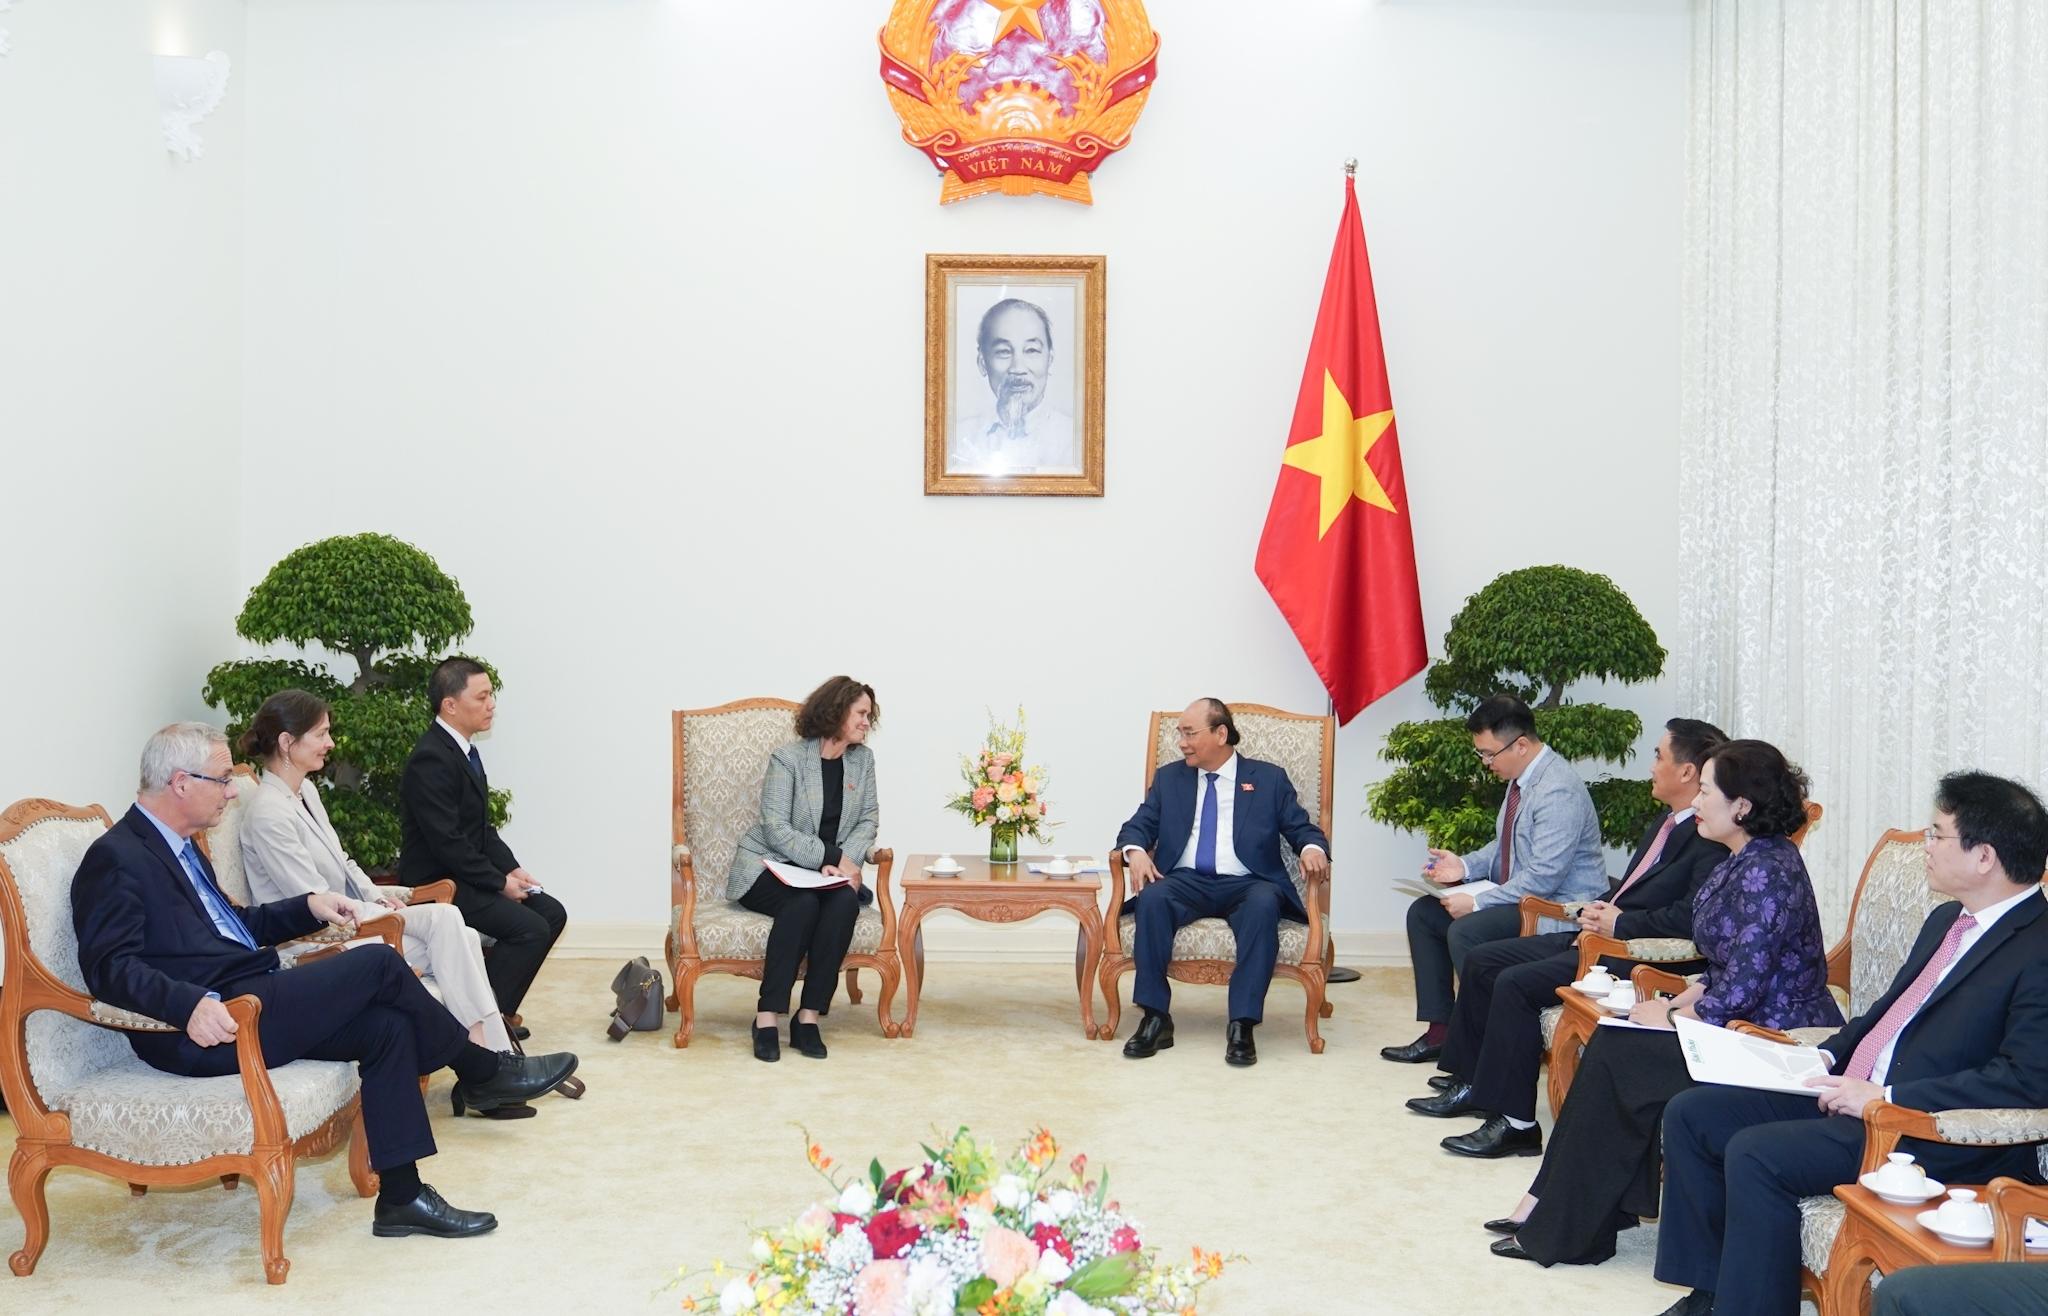 Thủ tướng tiếp Giám đốc WB tại Việt Nam